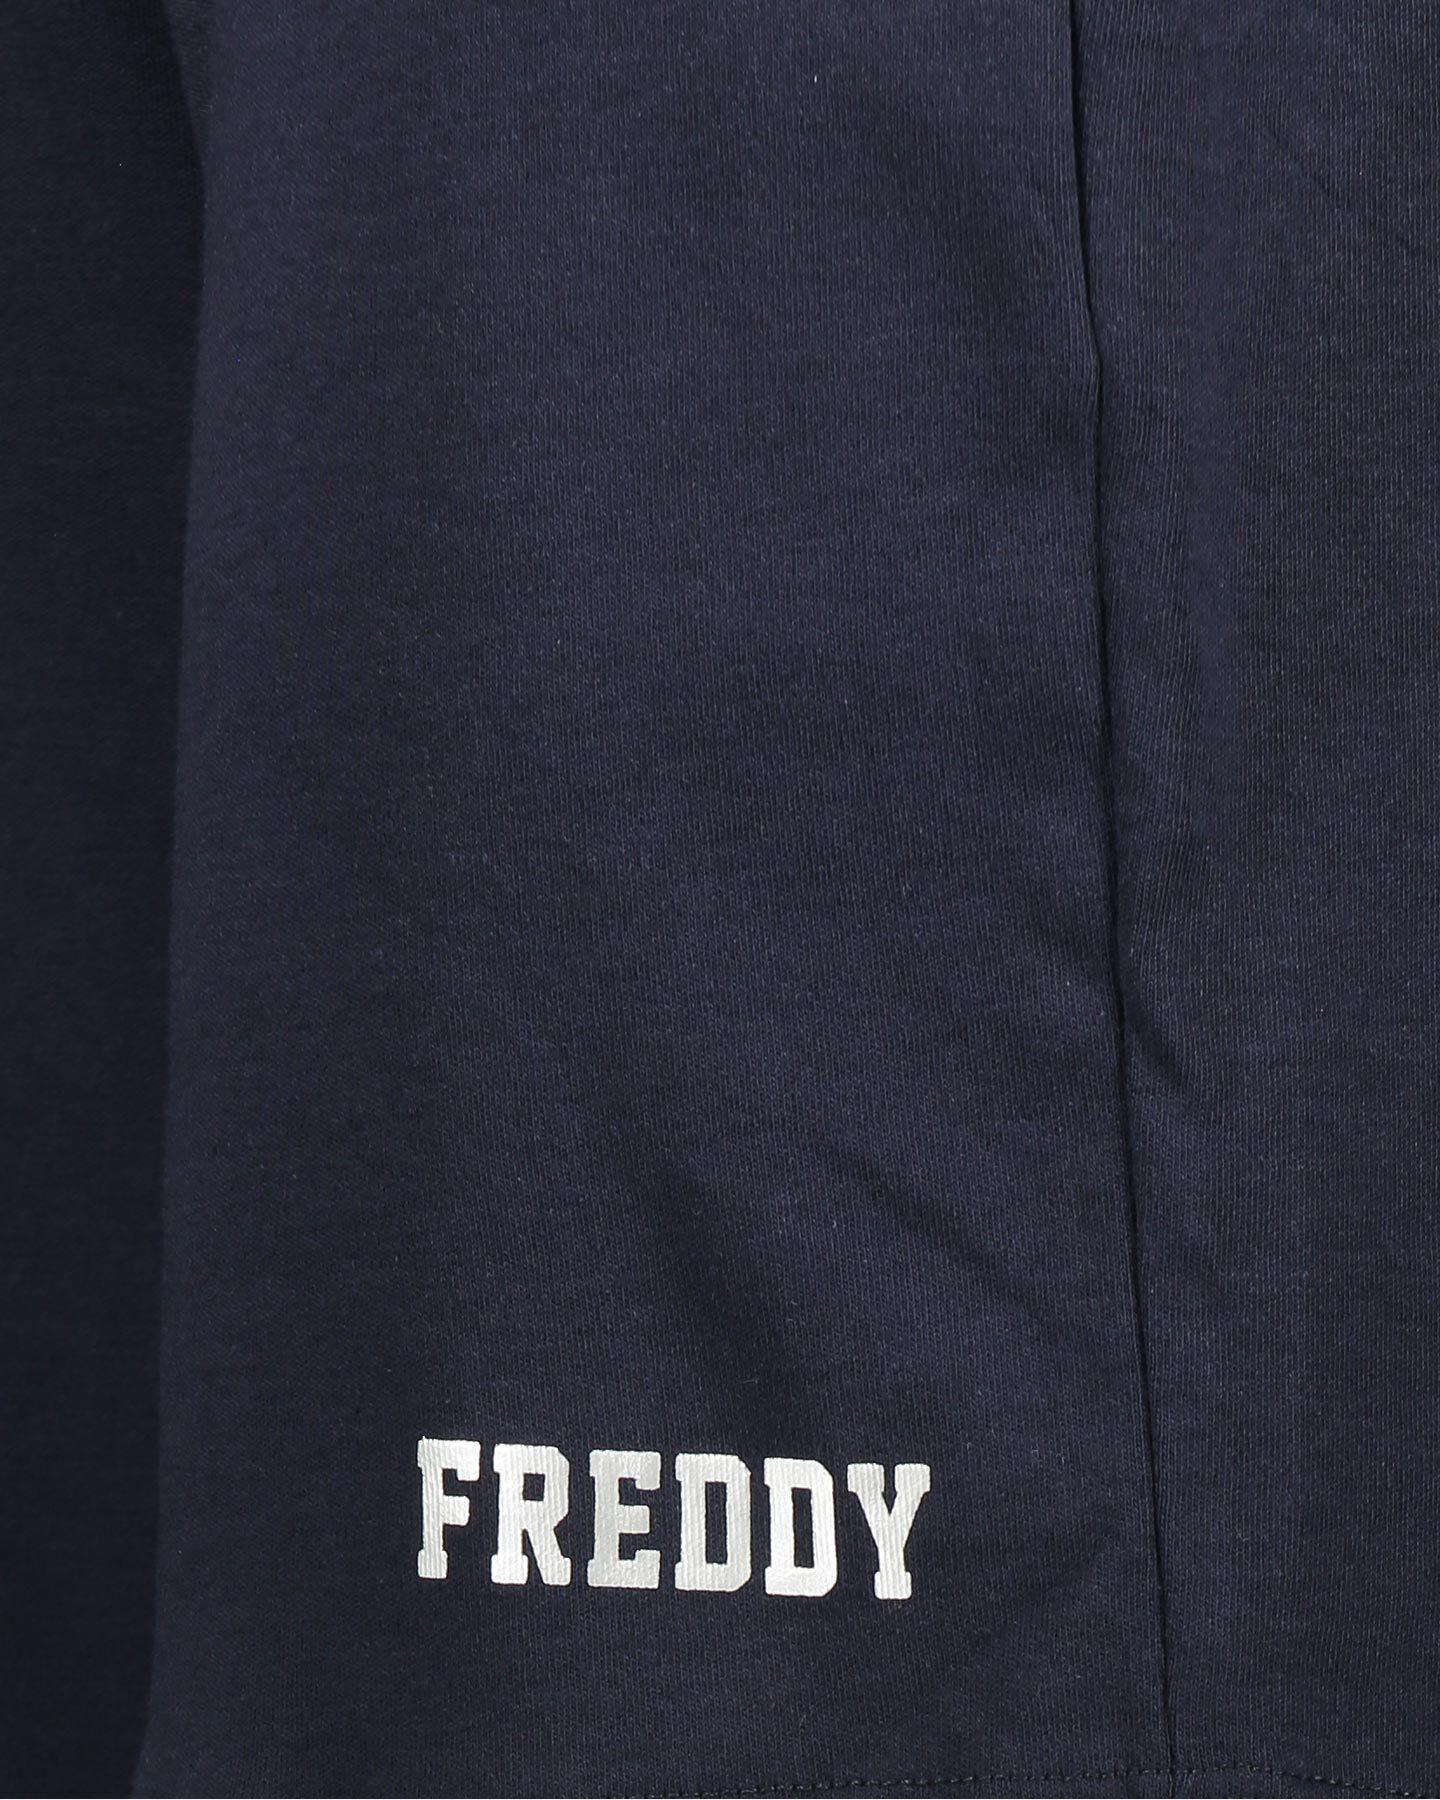 Pantaloncini FREDDY INTERLOCK W S5302144 scatto 3